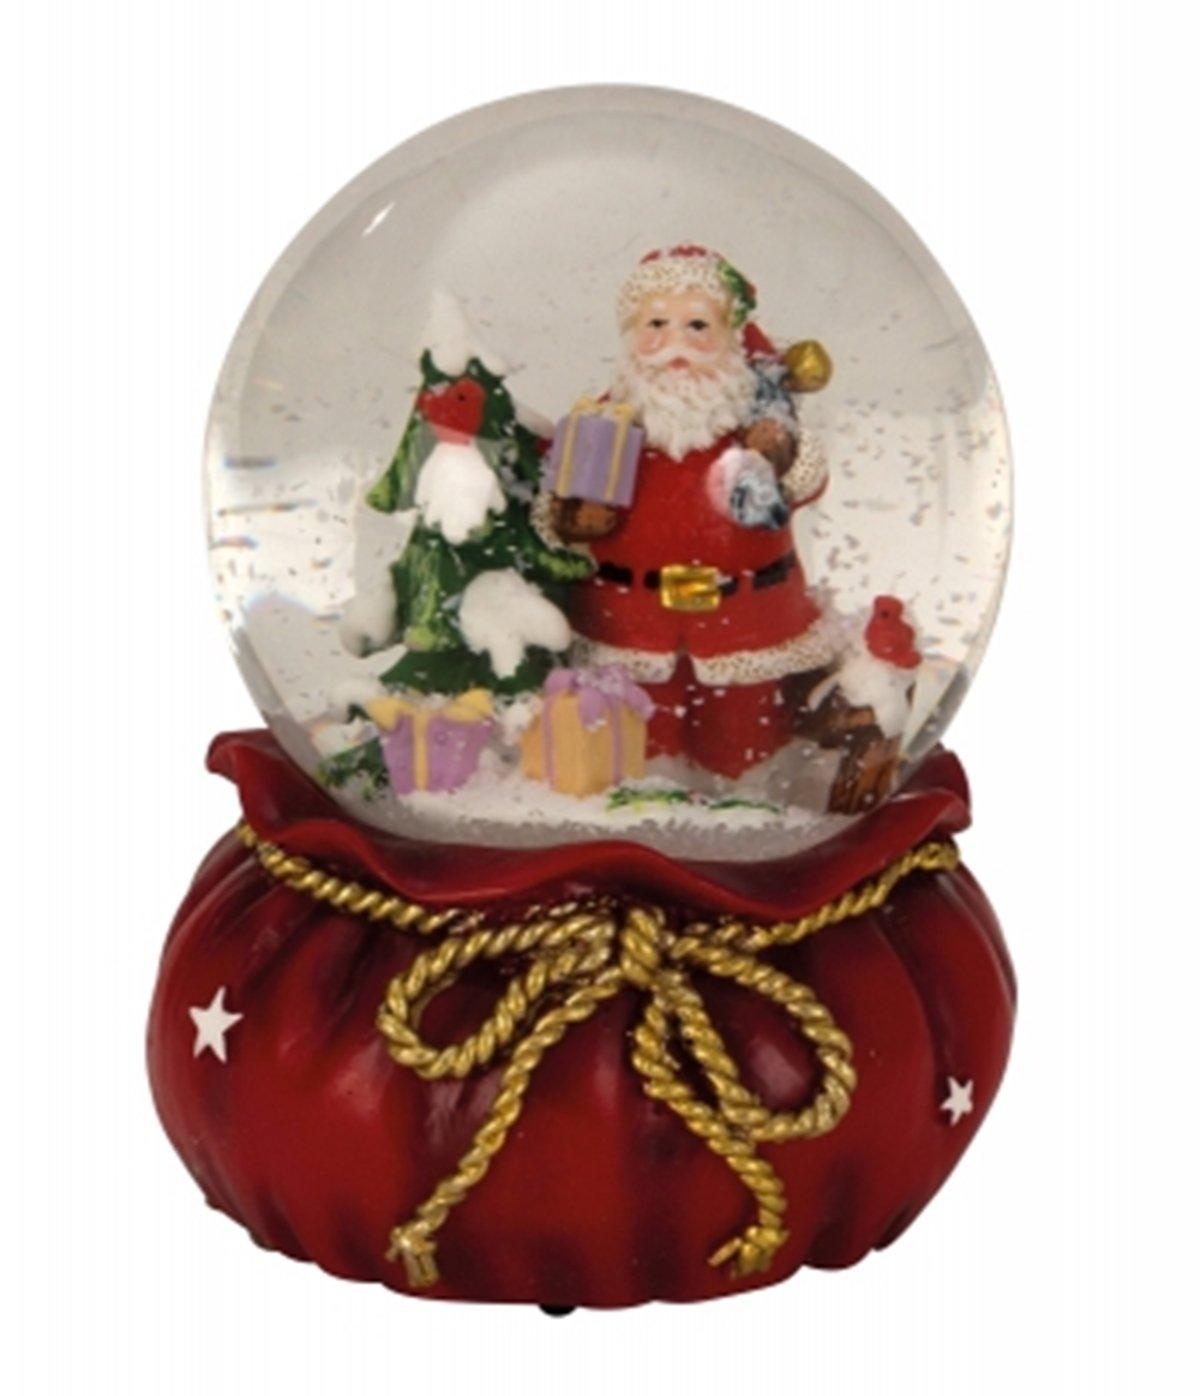 Amazon.de: Spieluhr Schneekugel Weihnachten Xmas-Schneekugel mit ...